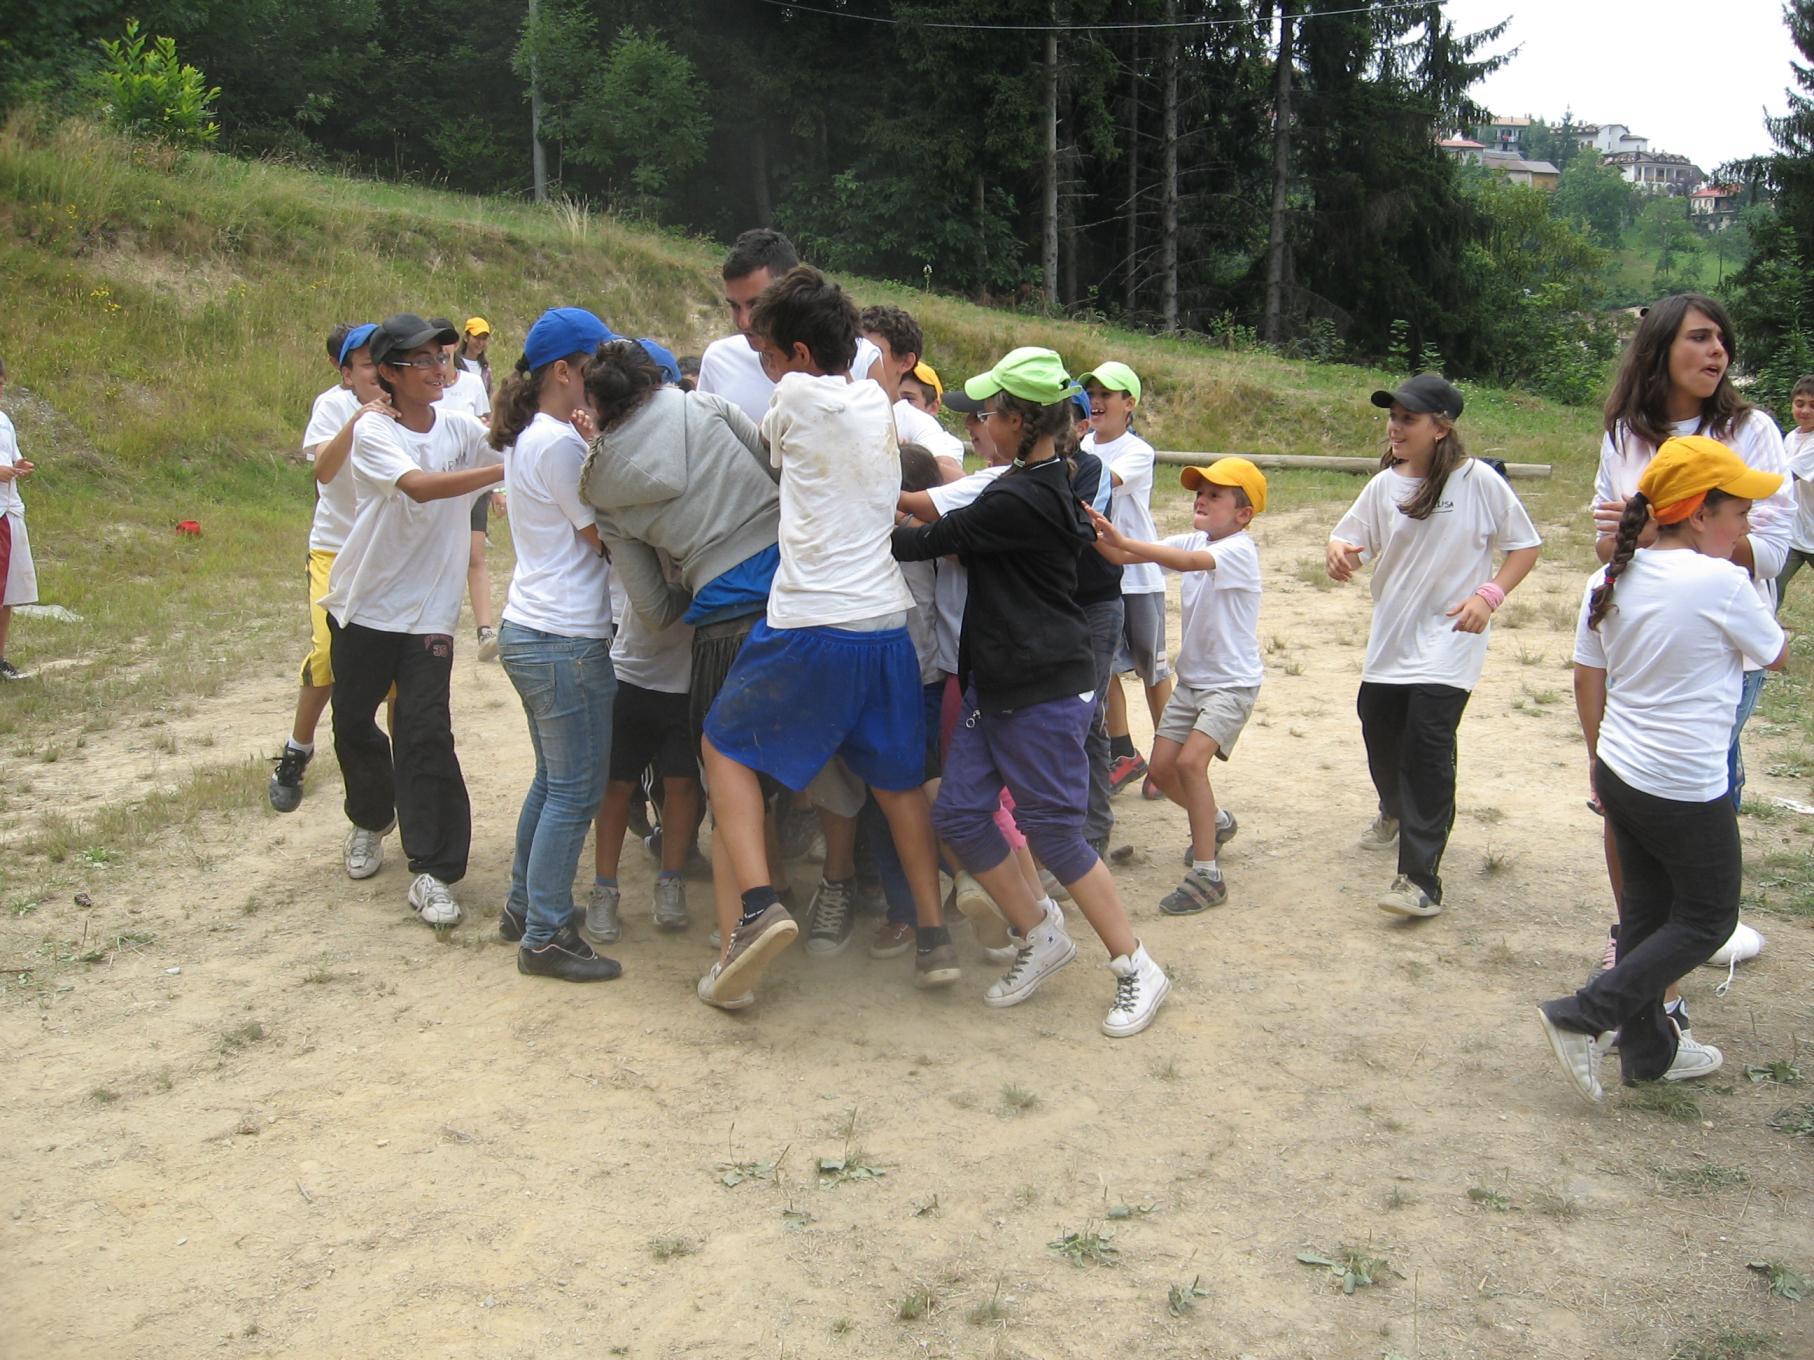 Campo_San_Giacomo_gare-2009-07-11--15.45.37